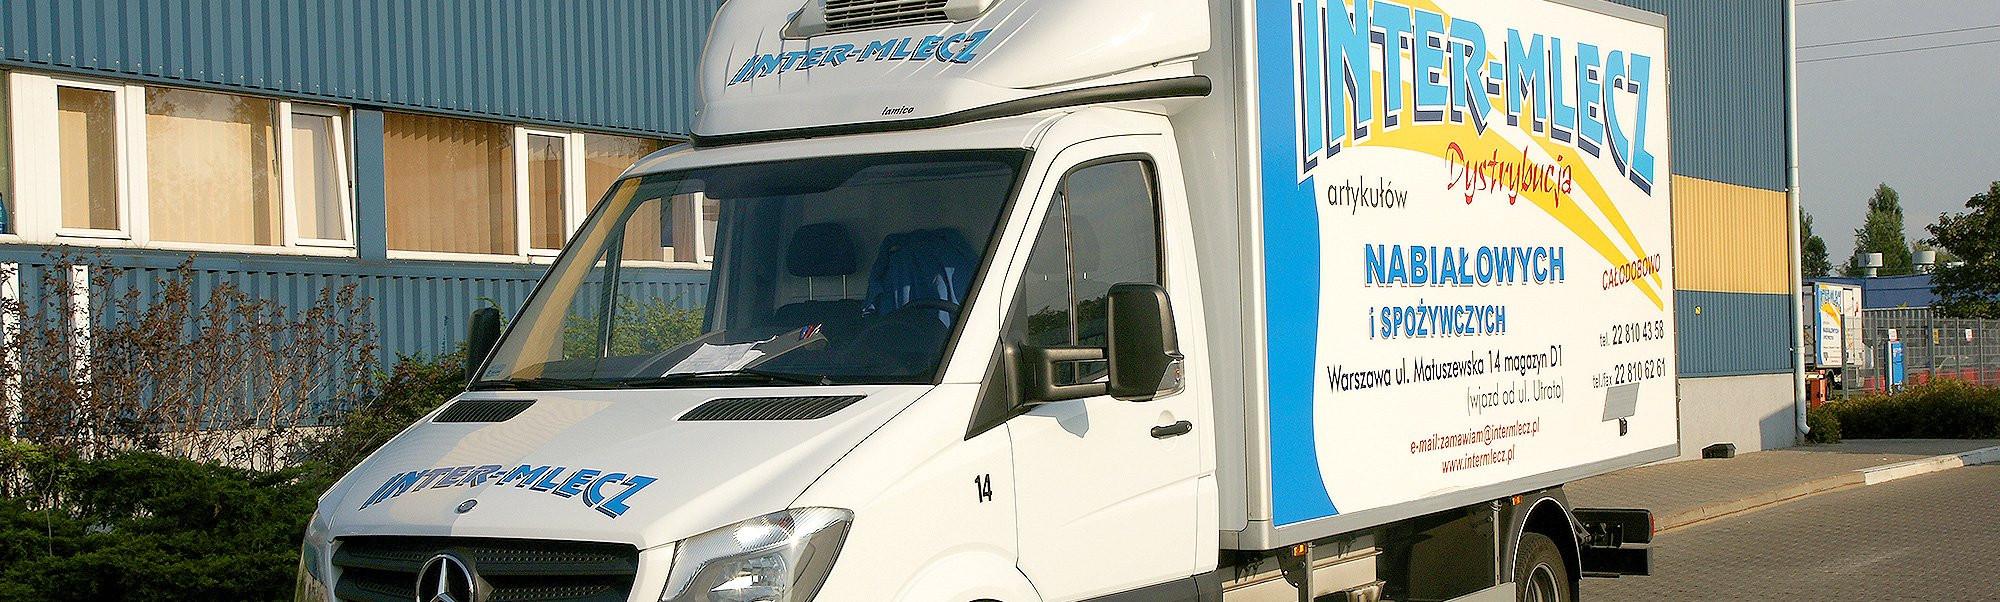 PROFESJONALNA OBSŁUGA Samochody wyposażone w chłodnię i mroźnię.